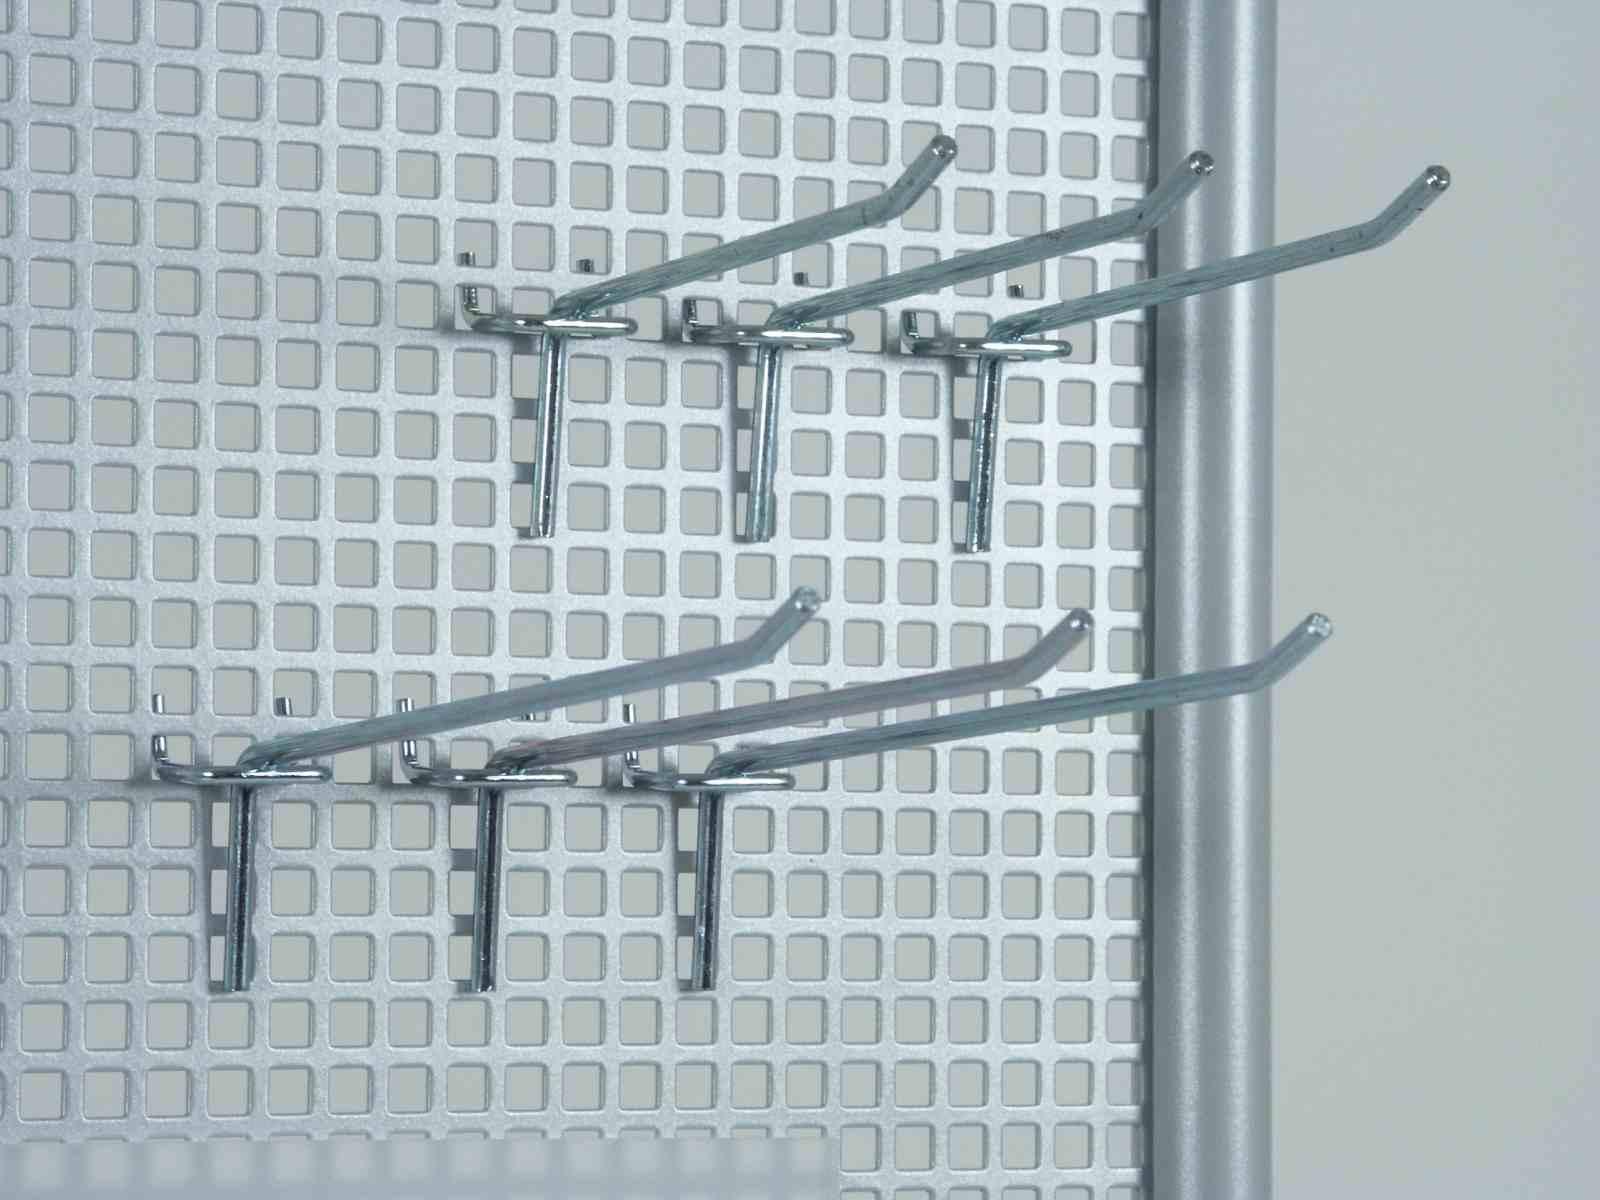 13265 einfachhaken f r gitterwand deko design klein for Deko design shop